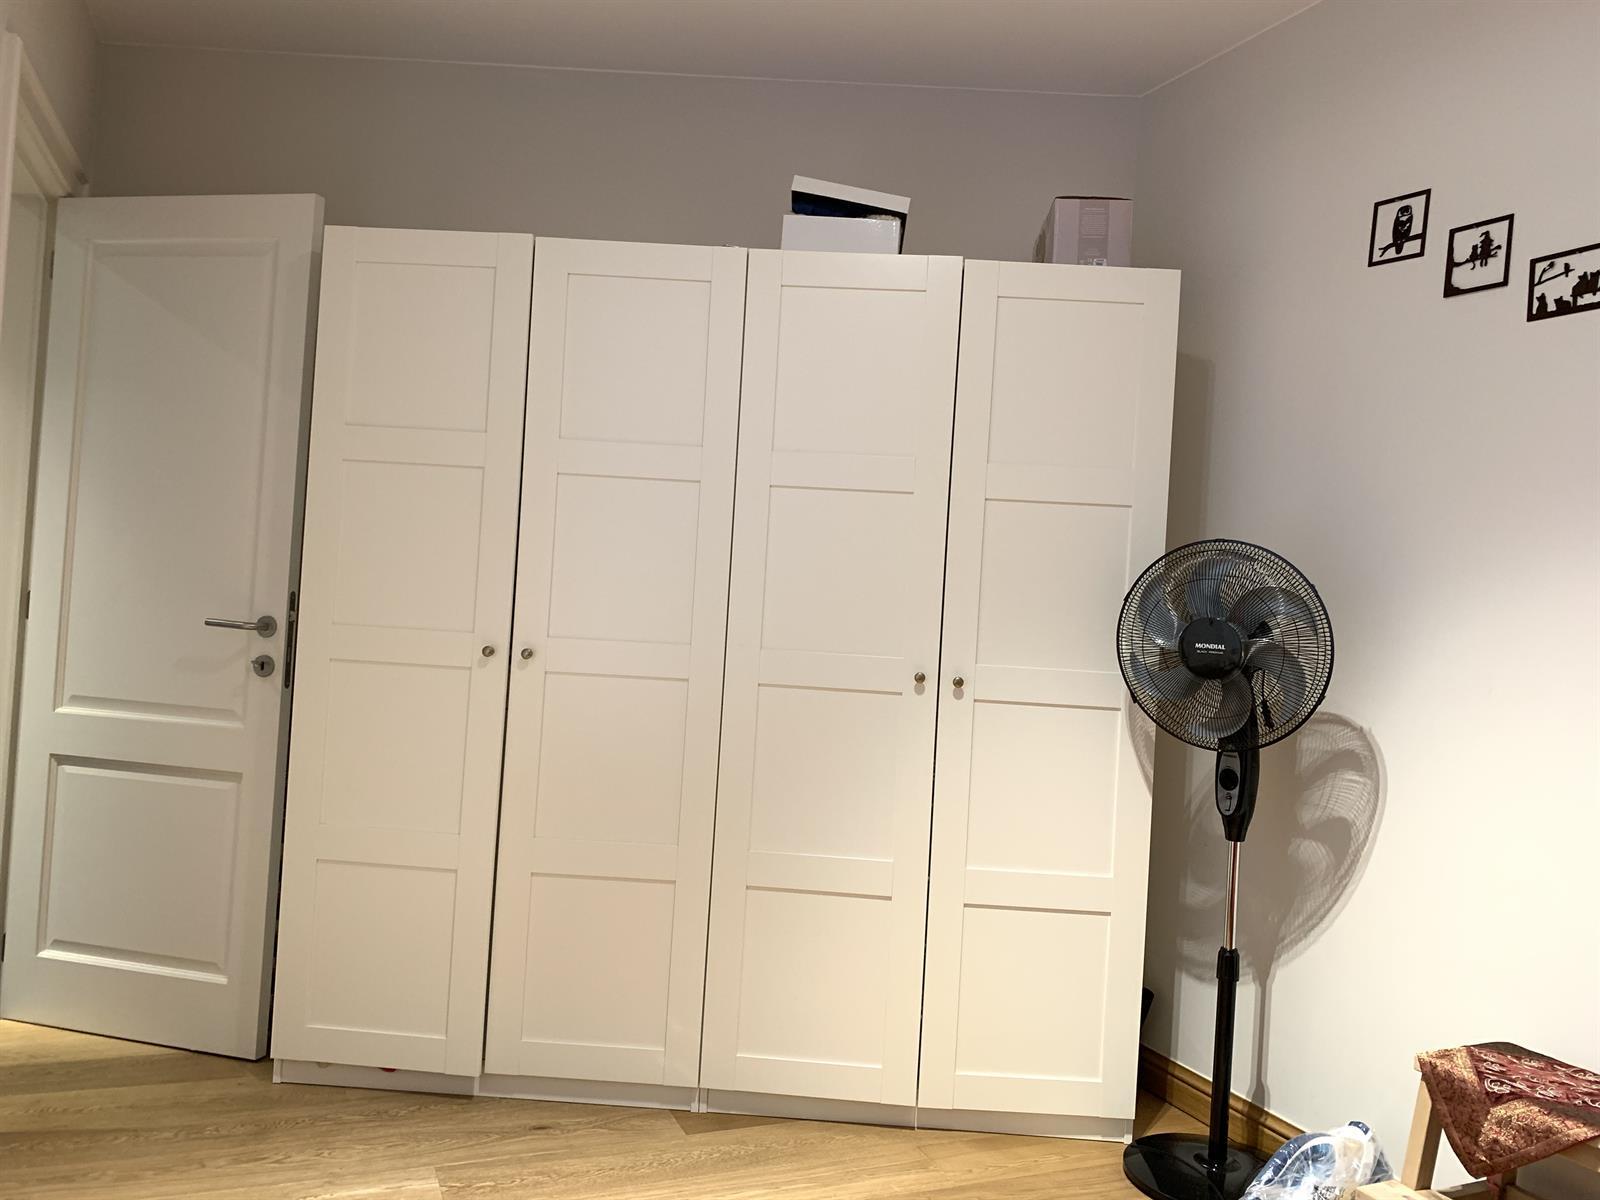 Appartement exceptionnel - Bruxelles - #4056384-50